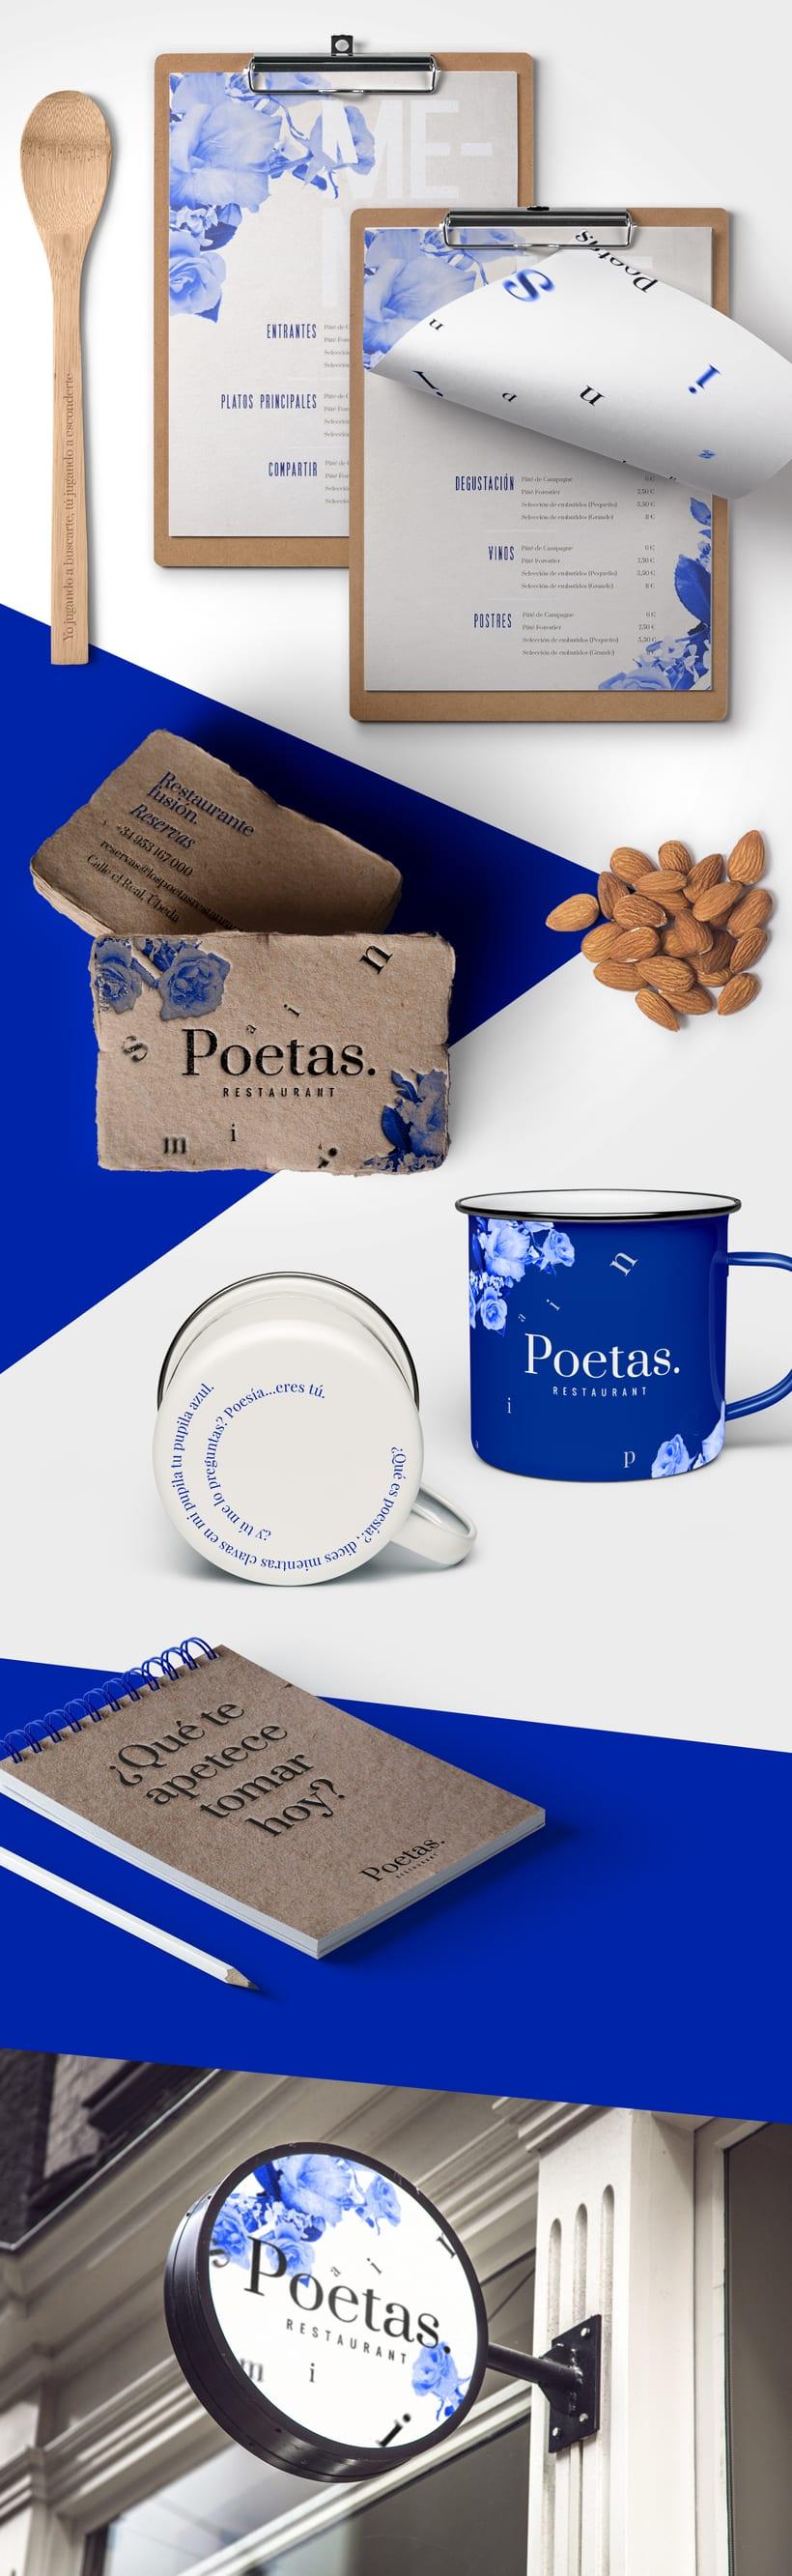 Poetas Restaurant -1